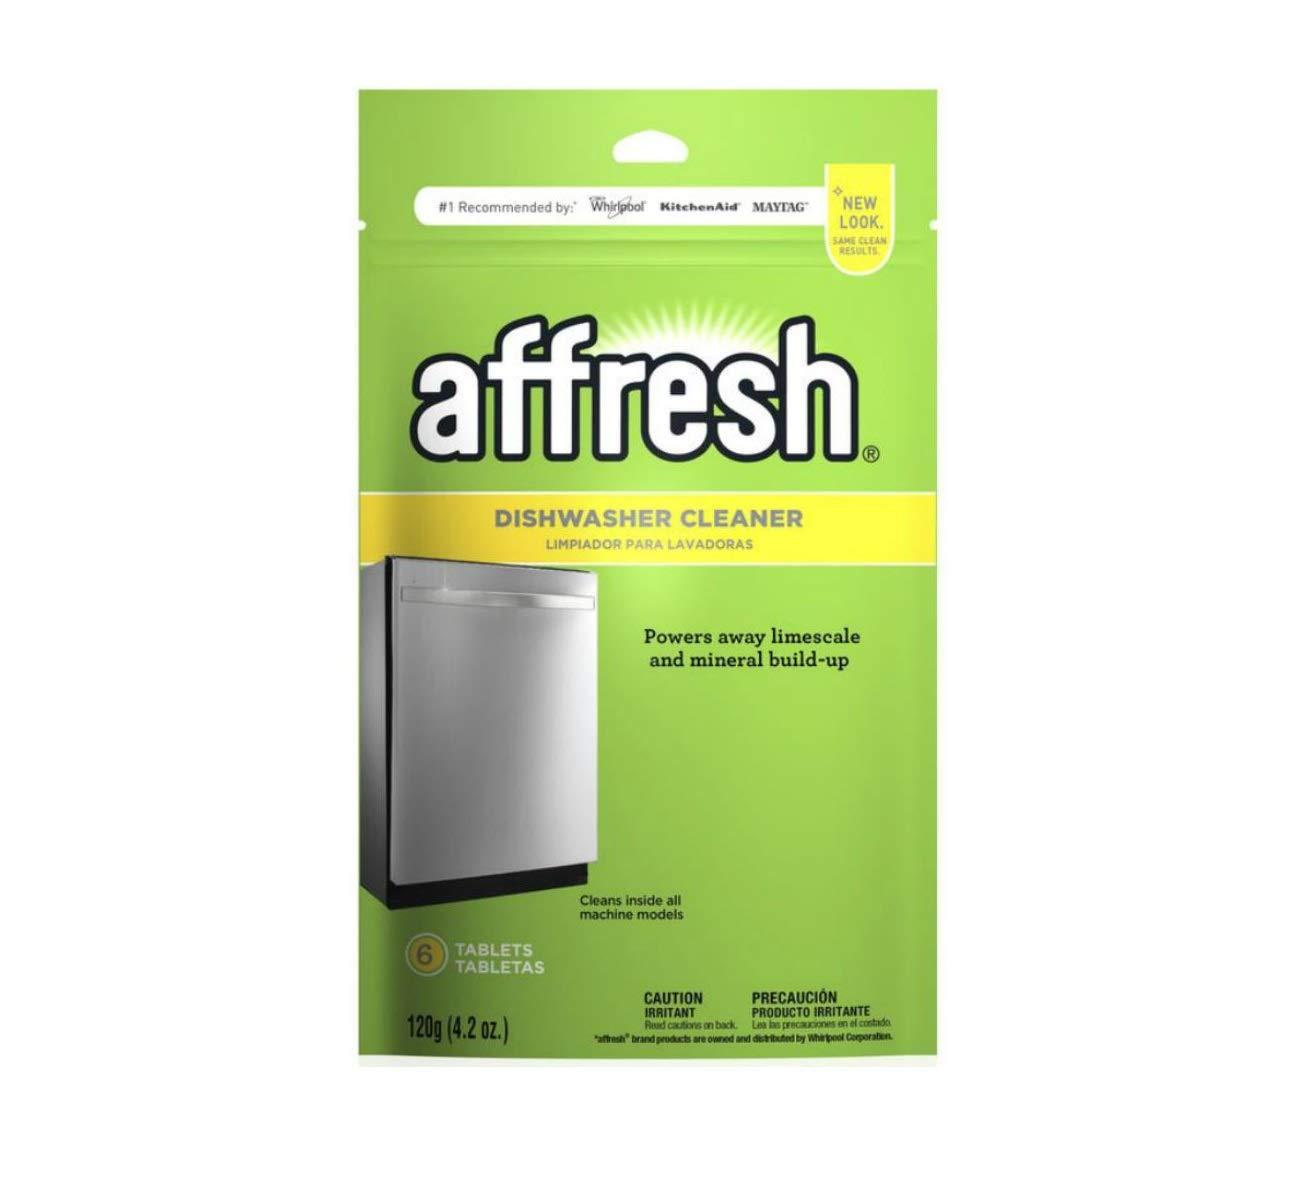 Affresh Dishwasher Cleaner, 6 Tablets (3 Pack)